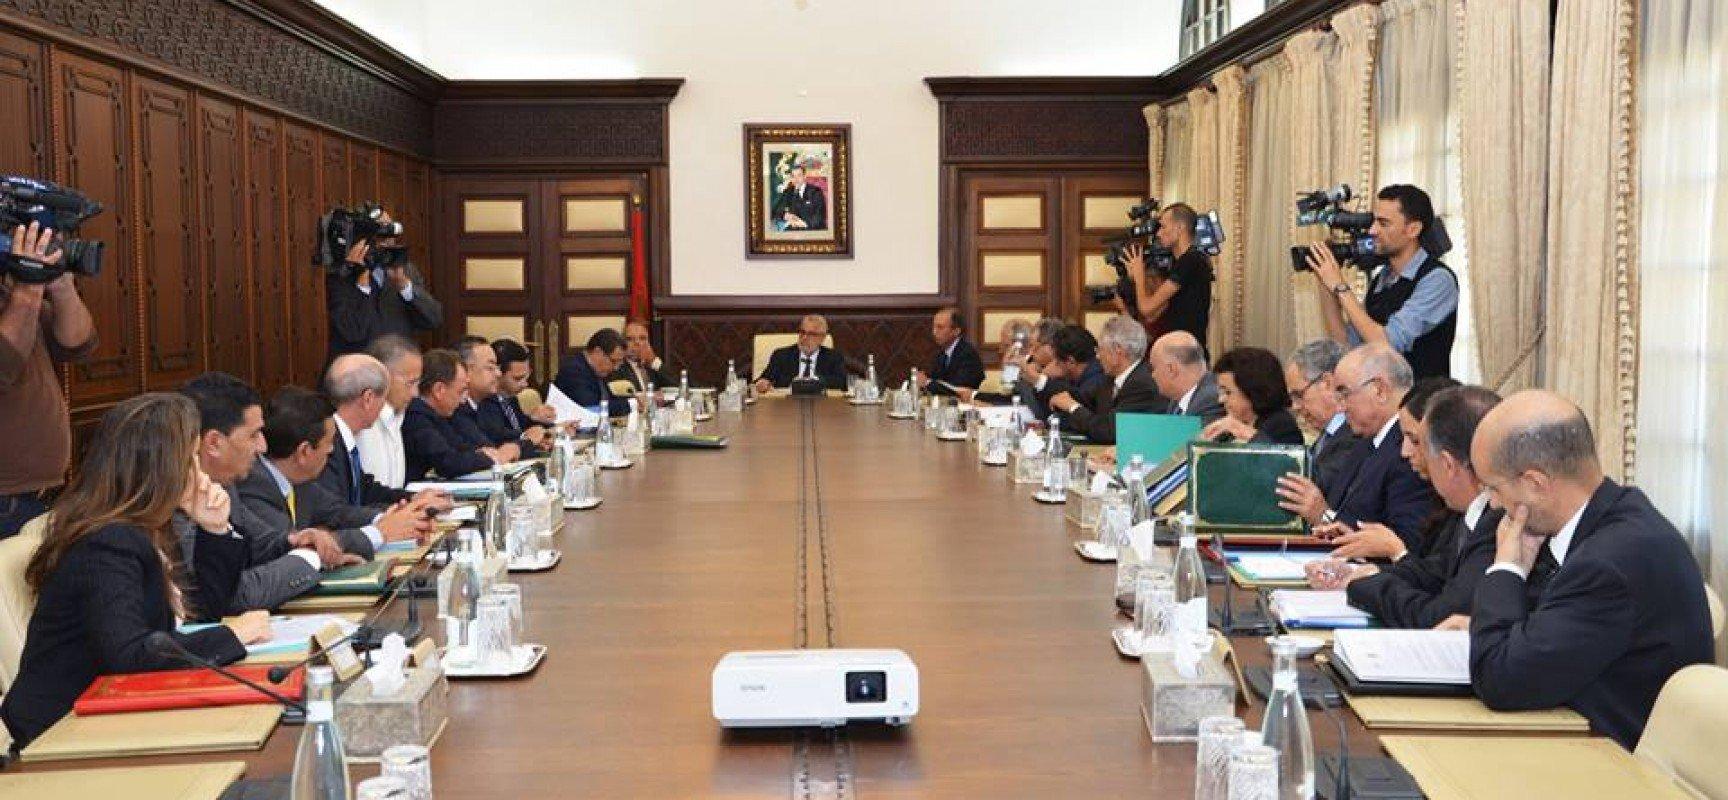 اجتماع ساخن للمجلس الحكومي لتفعيل الاتفاقات مع روسيا والحسم في القانون الجنائي